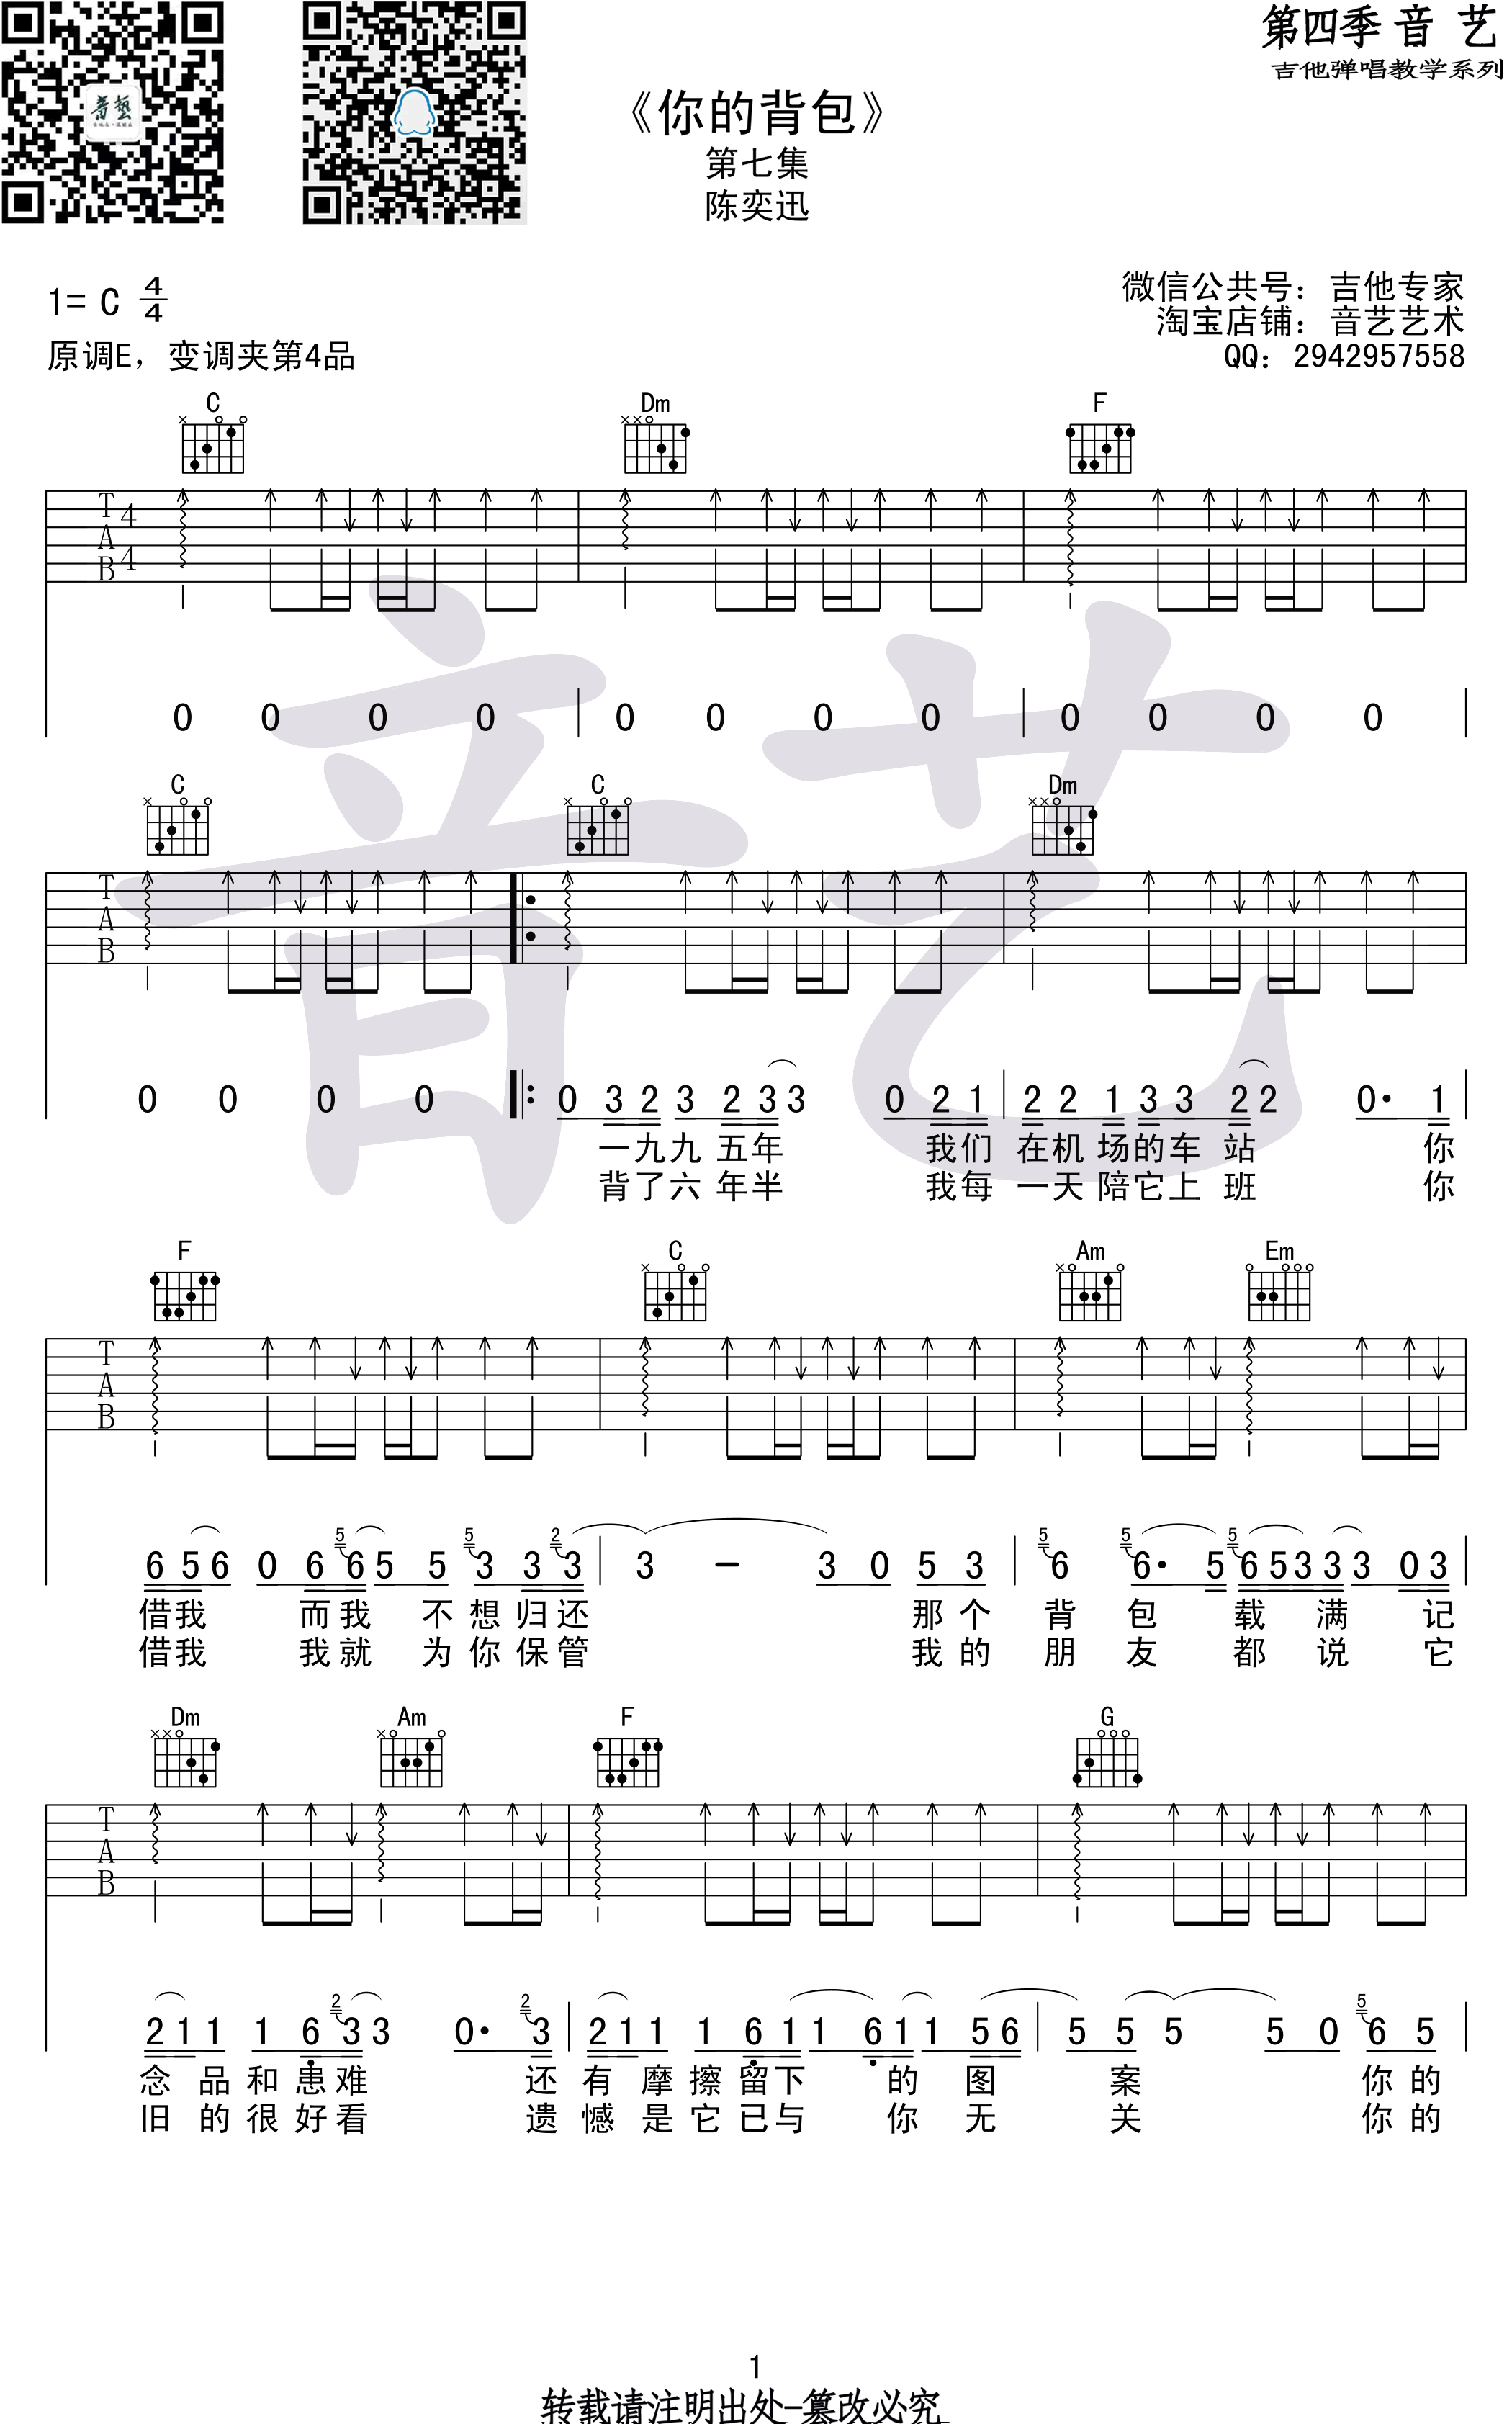 陈奕迅-你的背包吉他谱-1